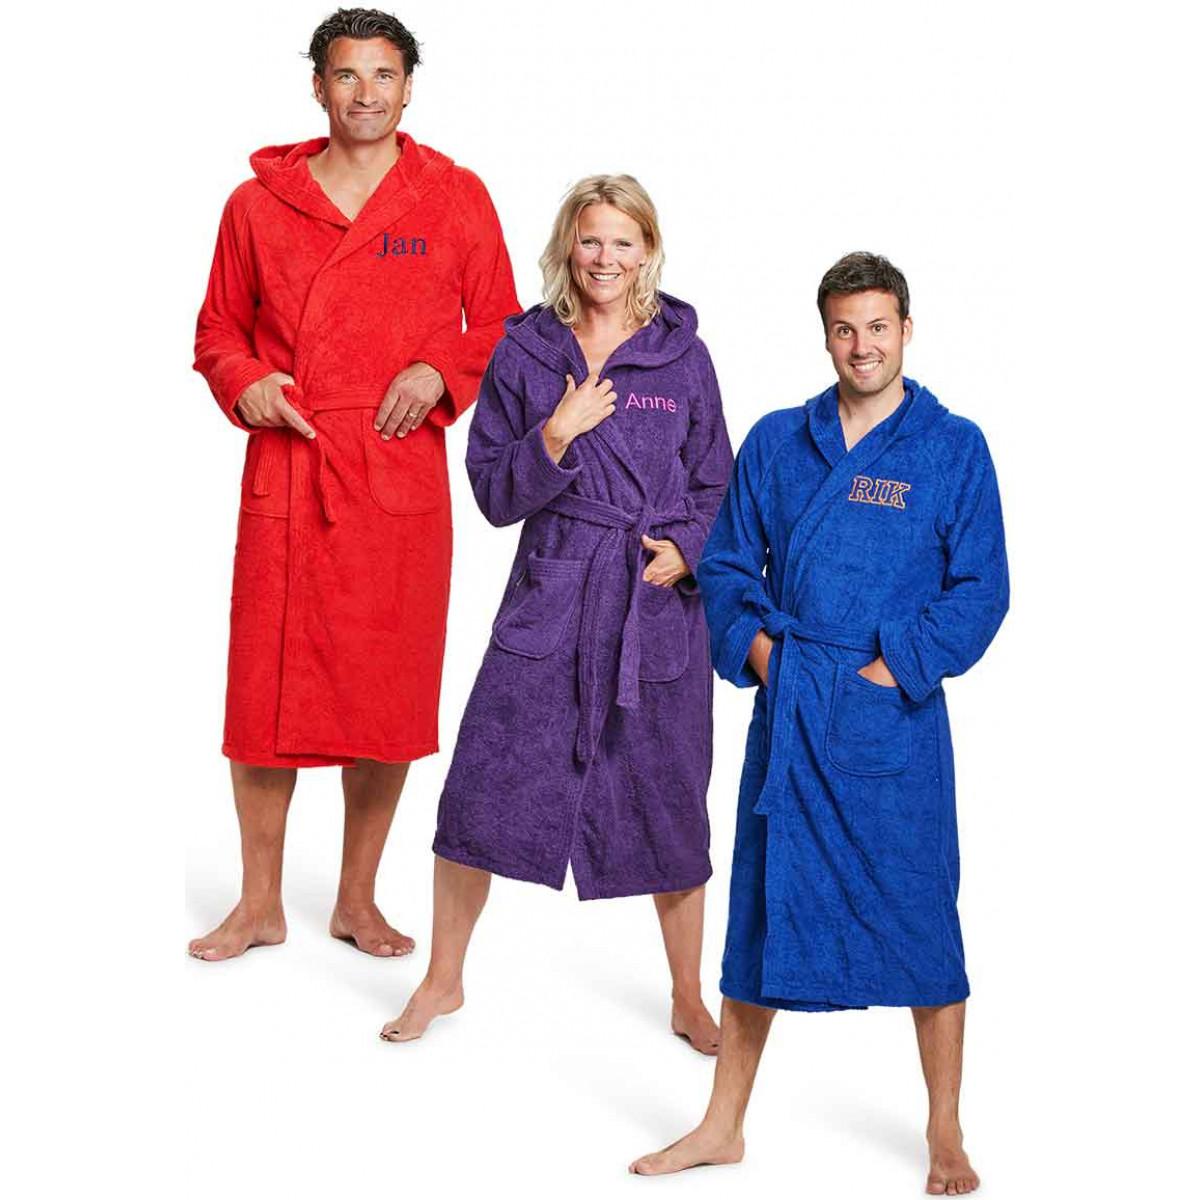 Badjas met kap borduren - 9 kleuren